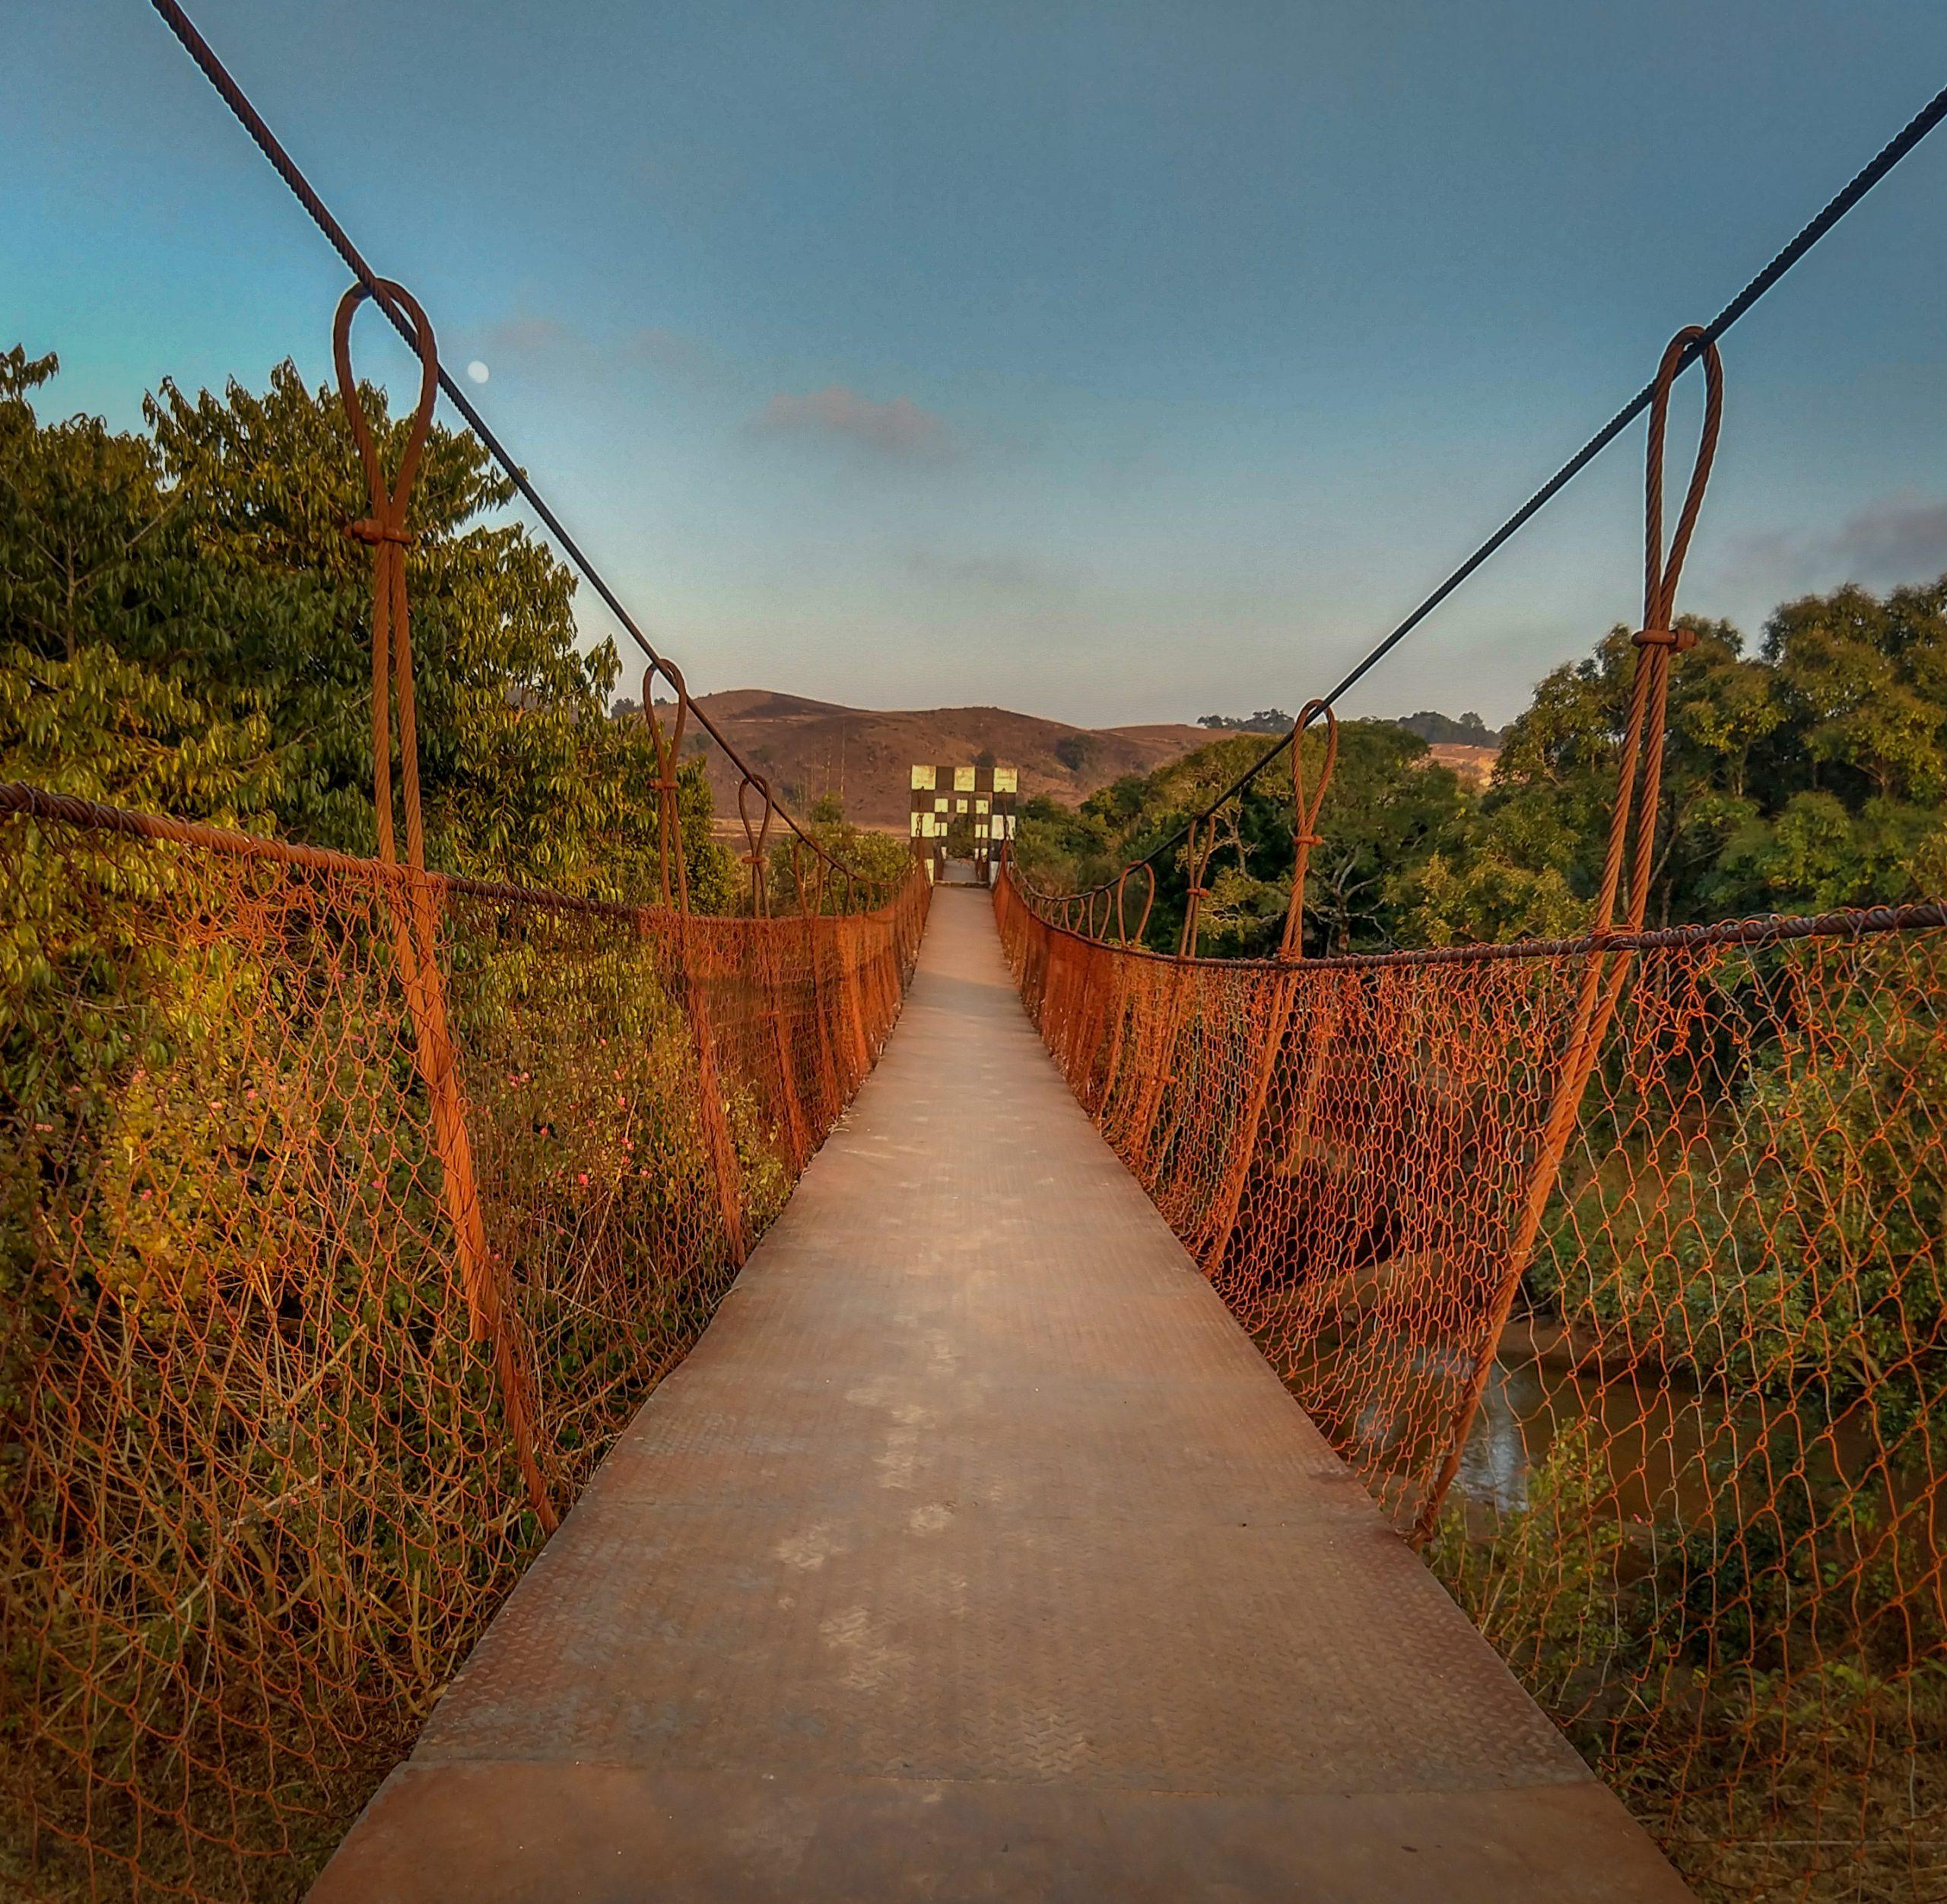 A narrow suspension bridge